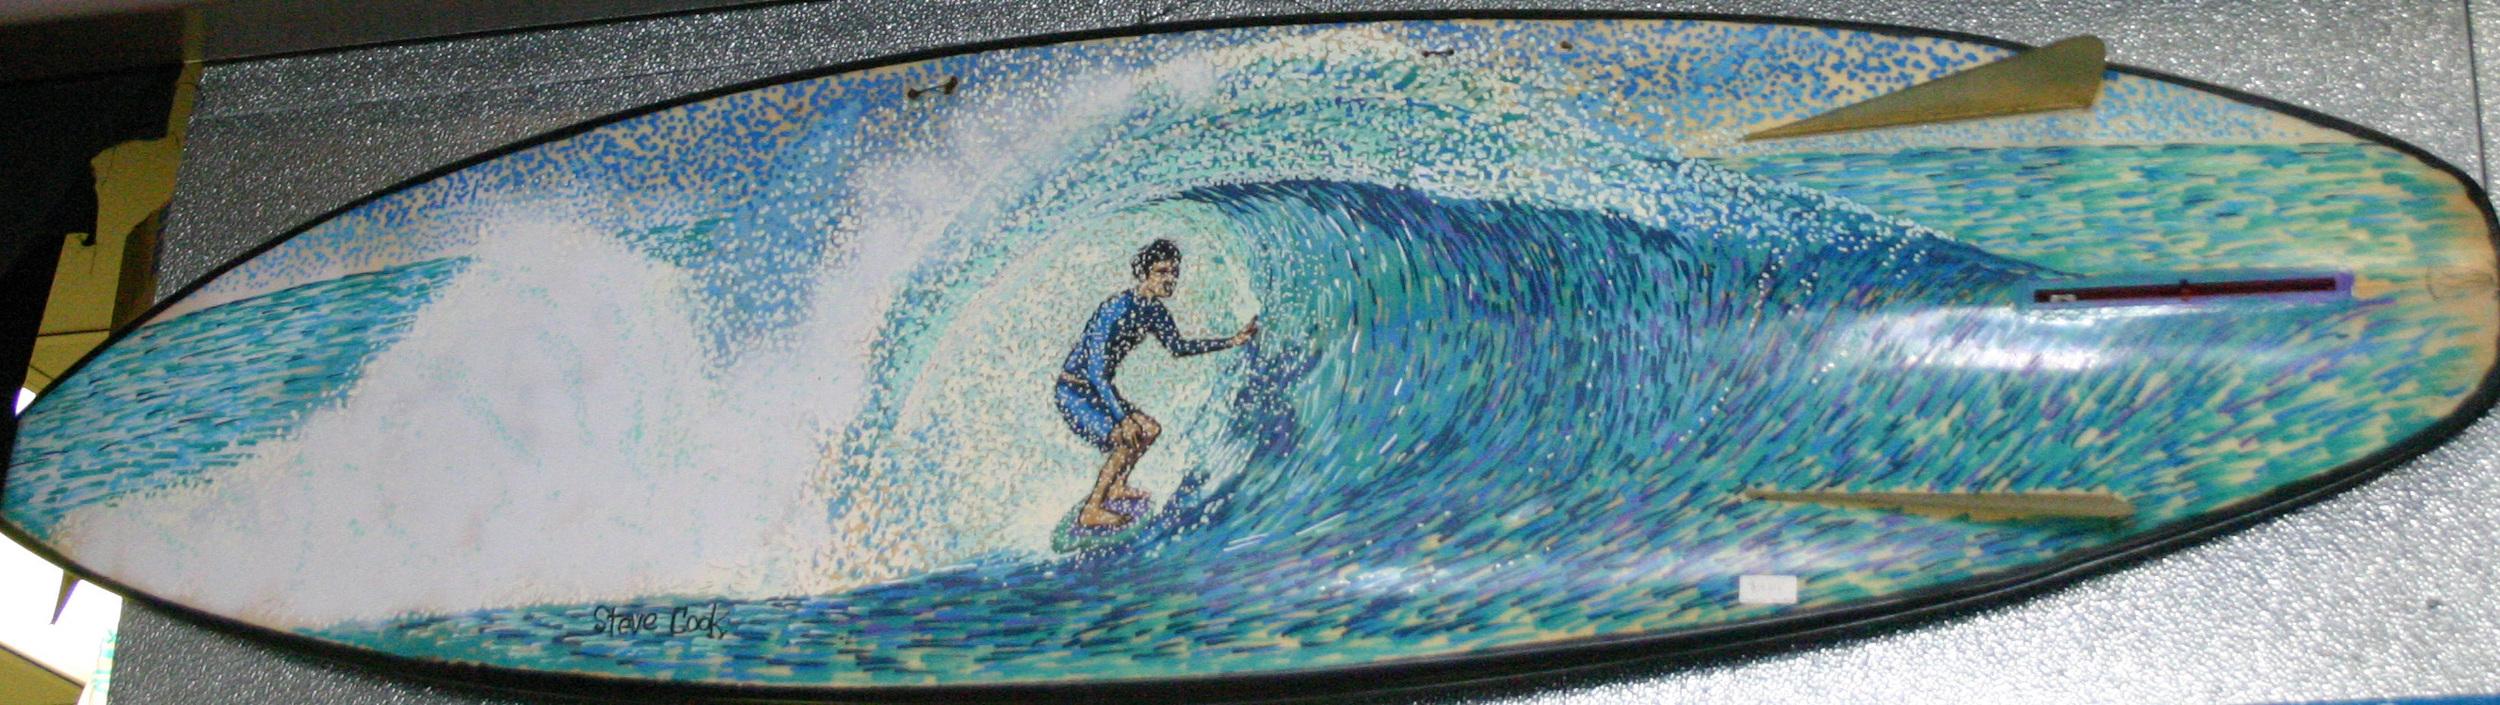 """""""Tavarua Bonzer"""" paint pens on surfboard  sold"""